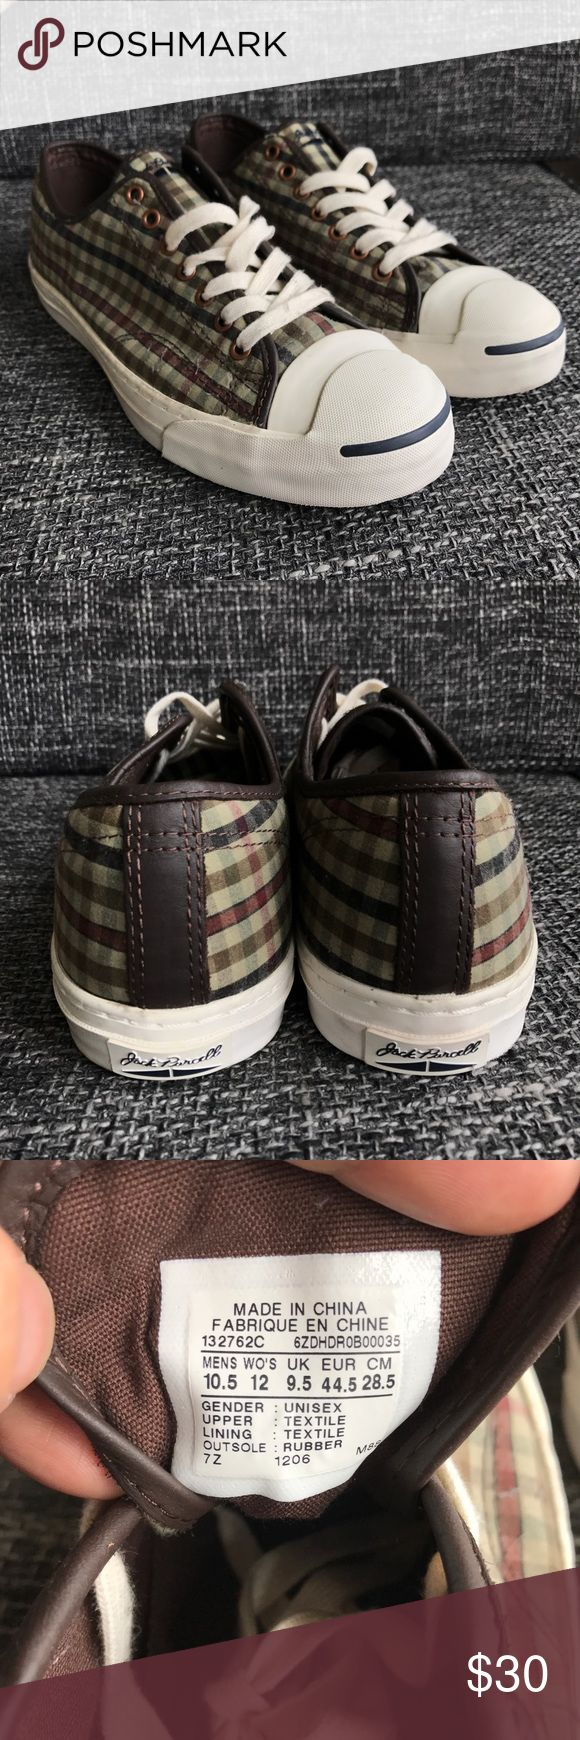 11 Mejor Mi Posh Recoge En Imágenes En Recoge Pinterest Zapatos Zapatillas Nike 87e17f